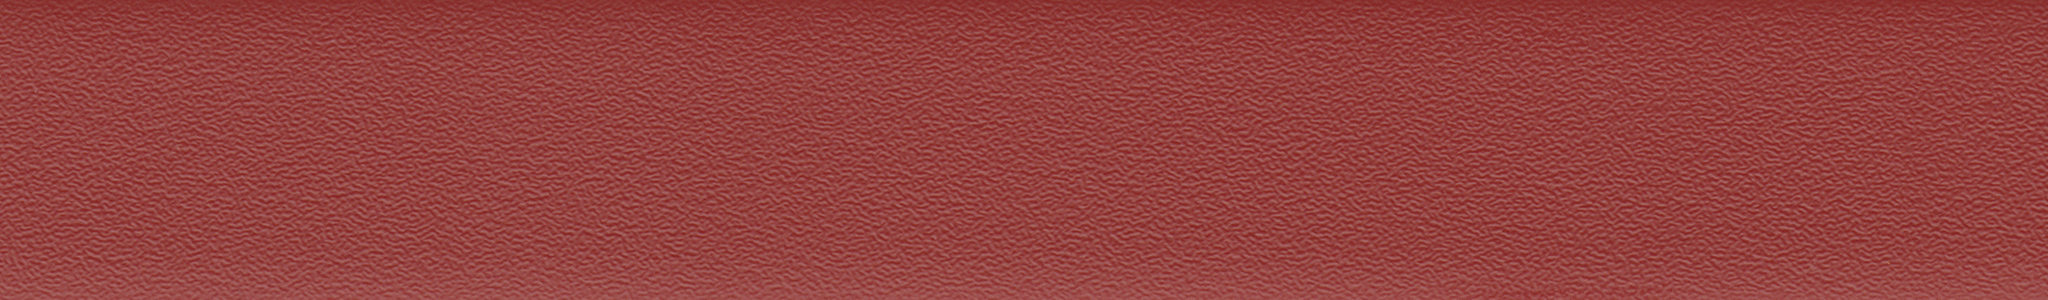 HU 132656 ABS hrana červená tmavá perla 101